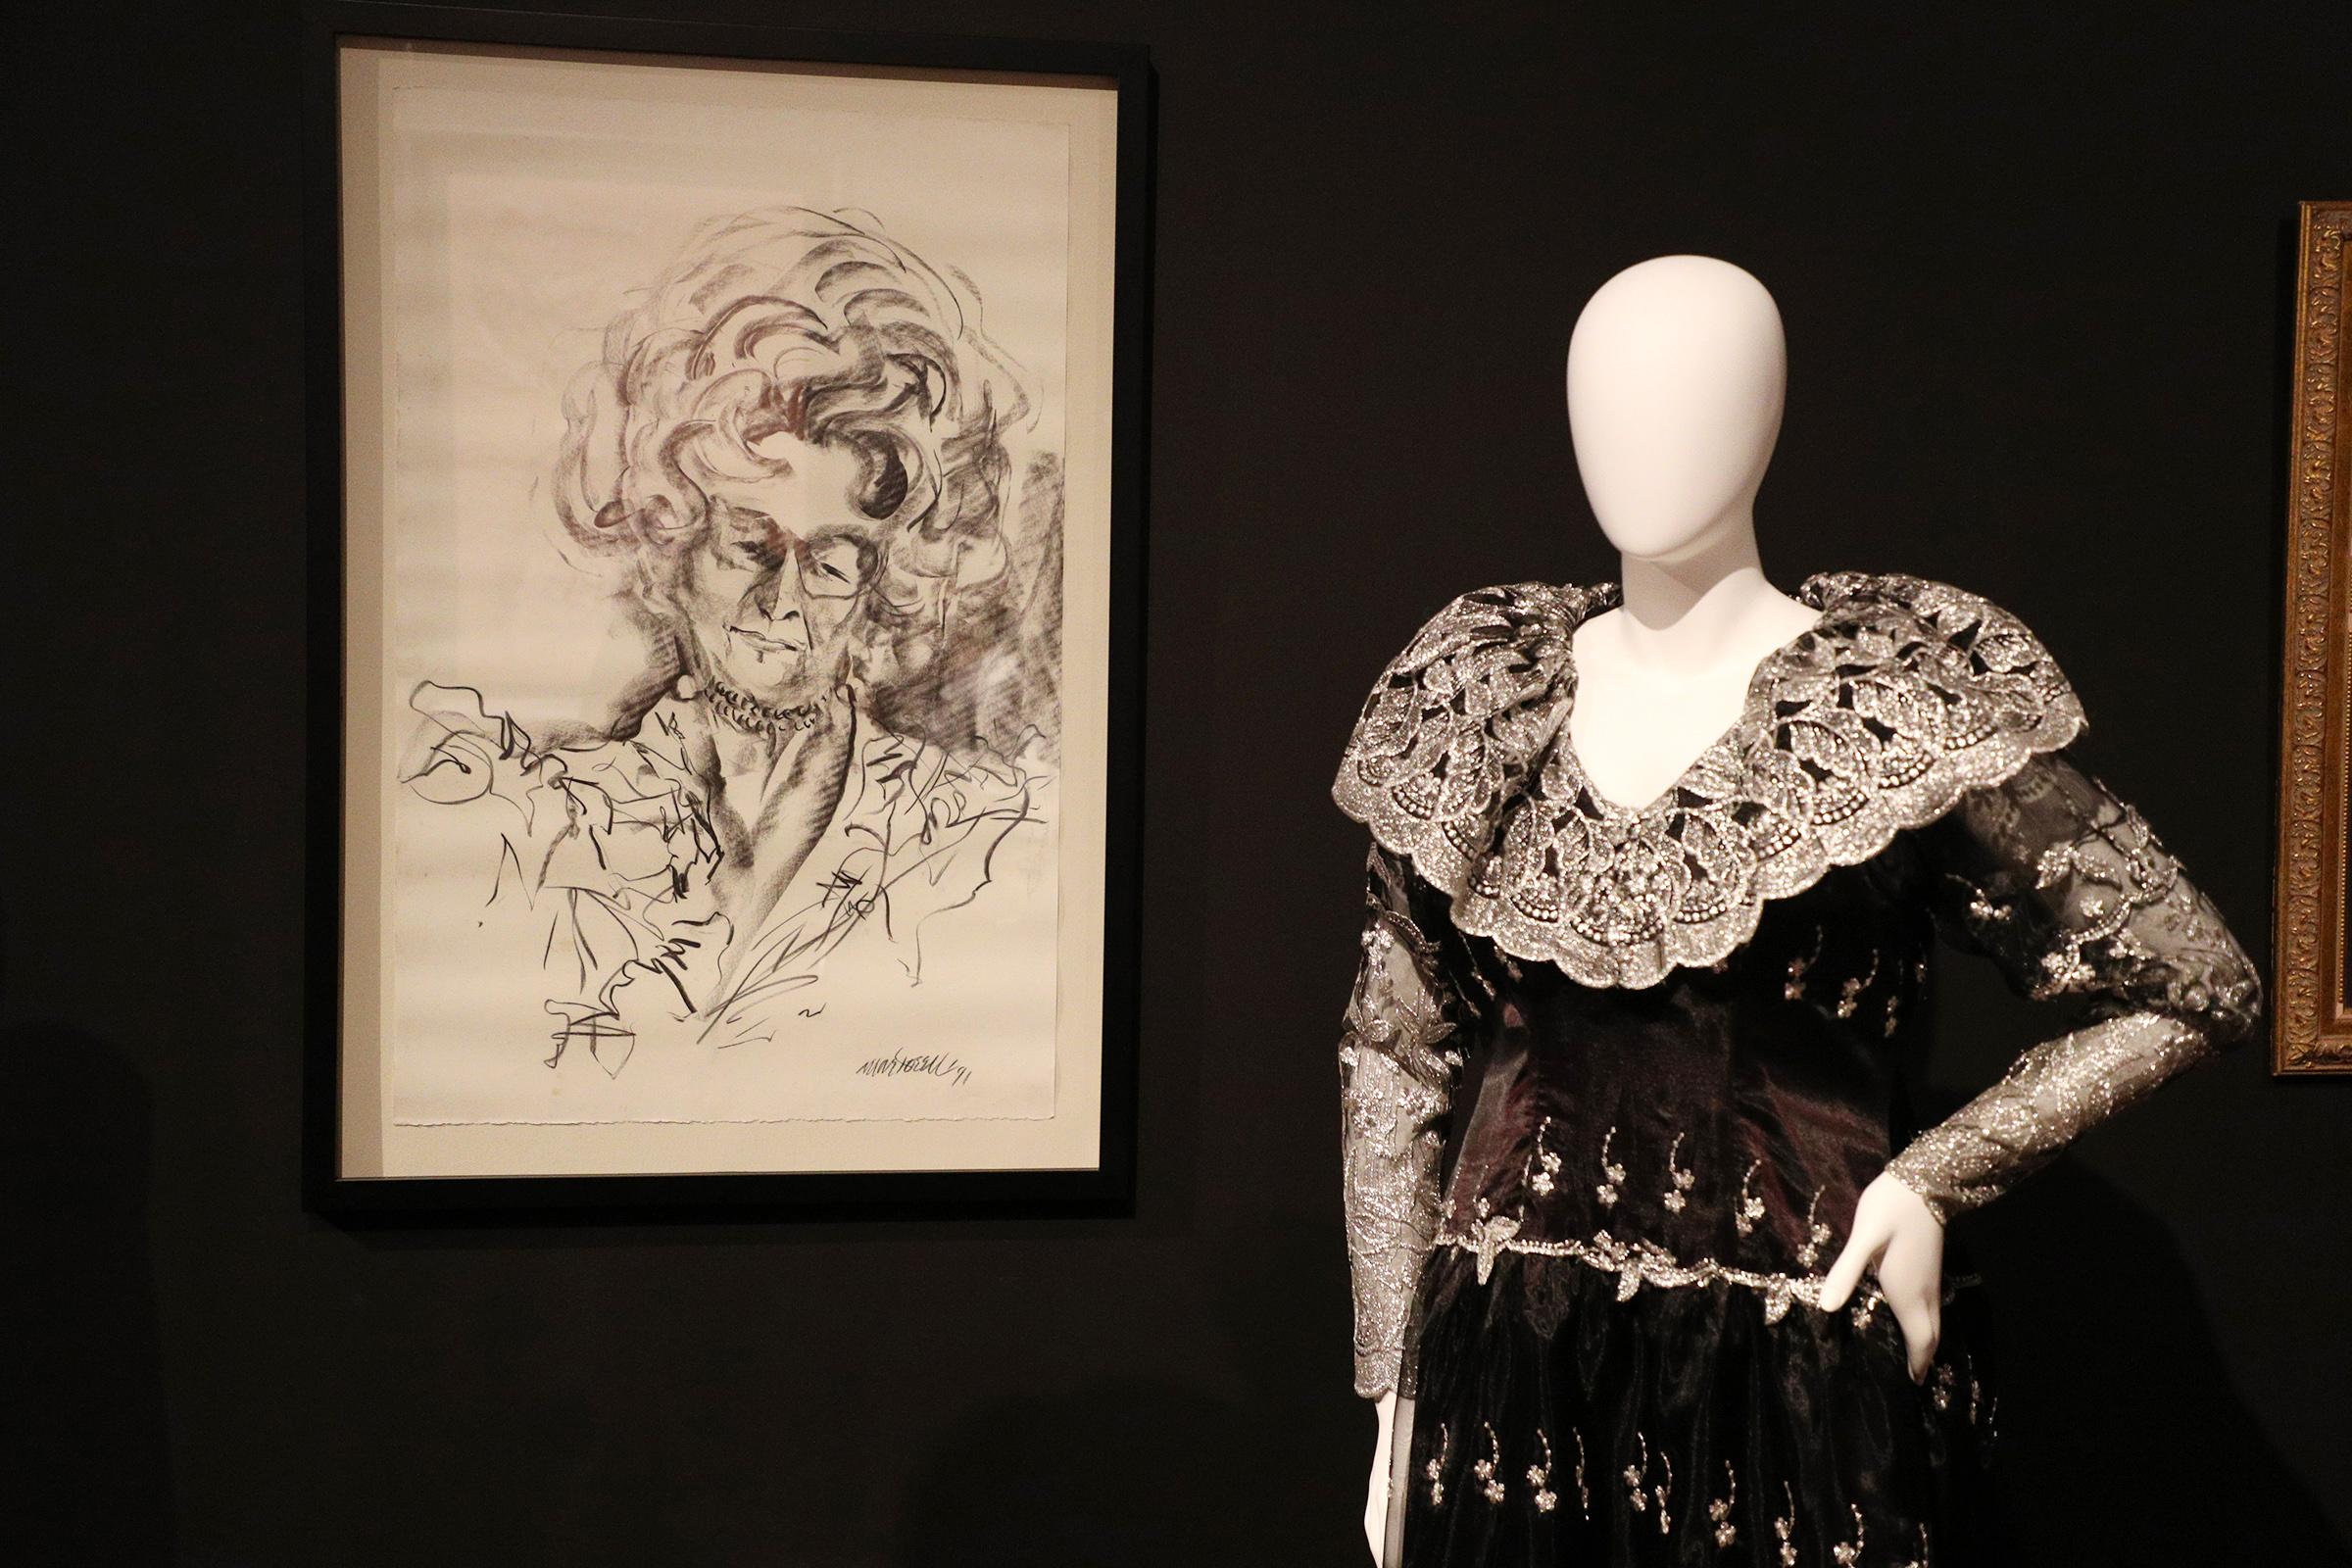 Algunos de los vestidos originales de doña Fela fueron restaurados por los diseñadores Sonia Rivera y Joseph Da'Ponte. (Foto: Juan Luis Martínez)